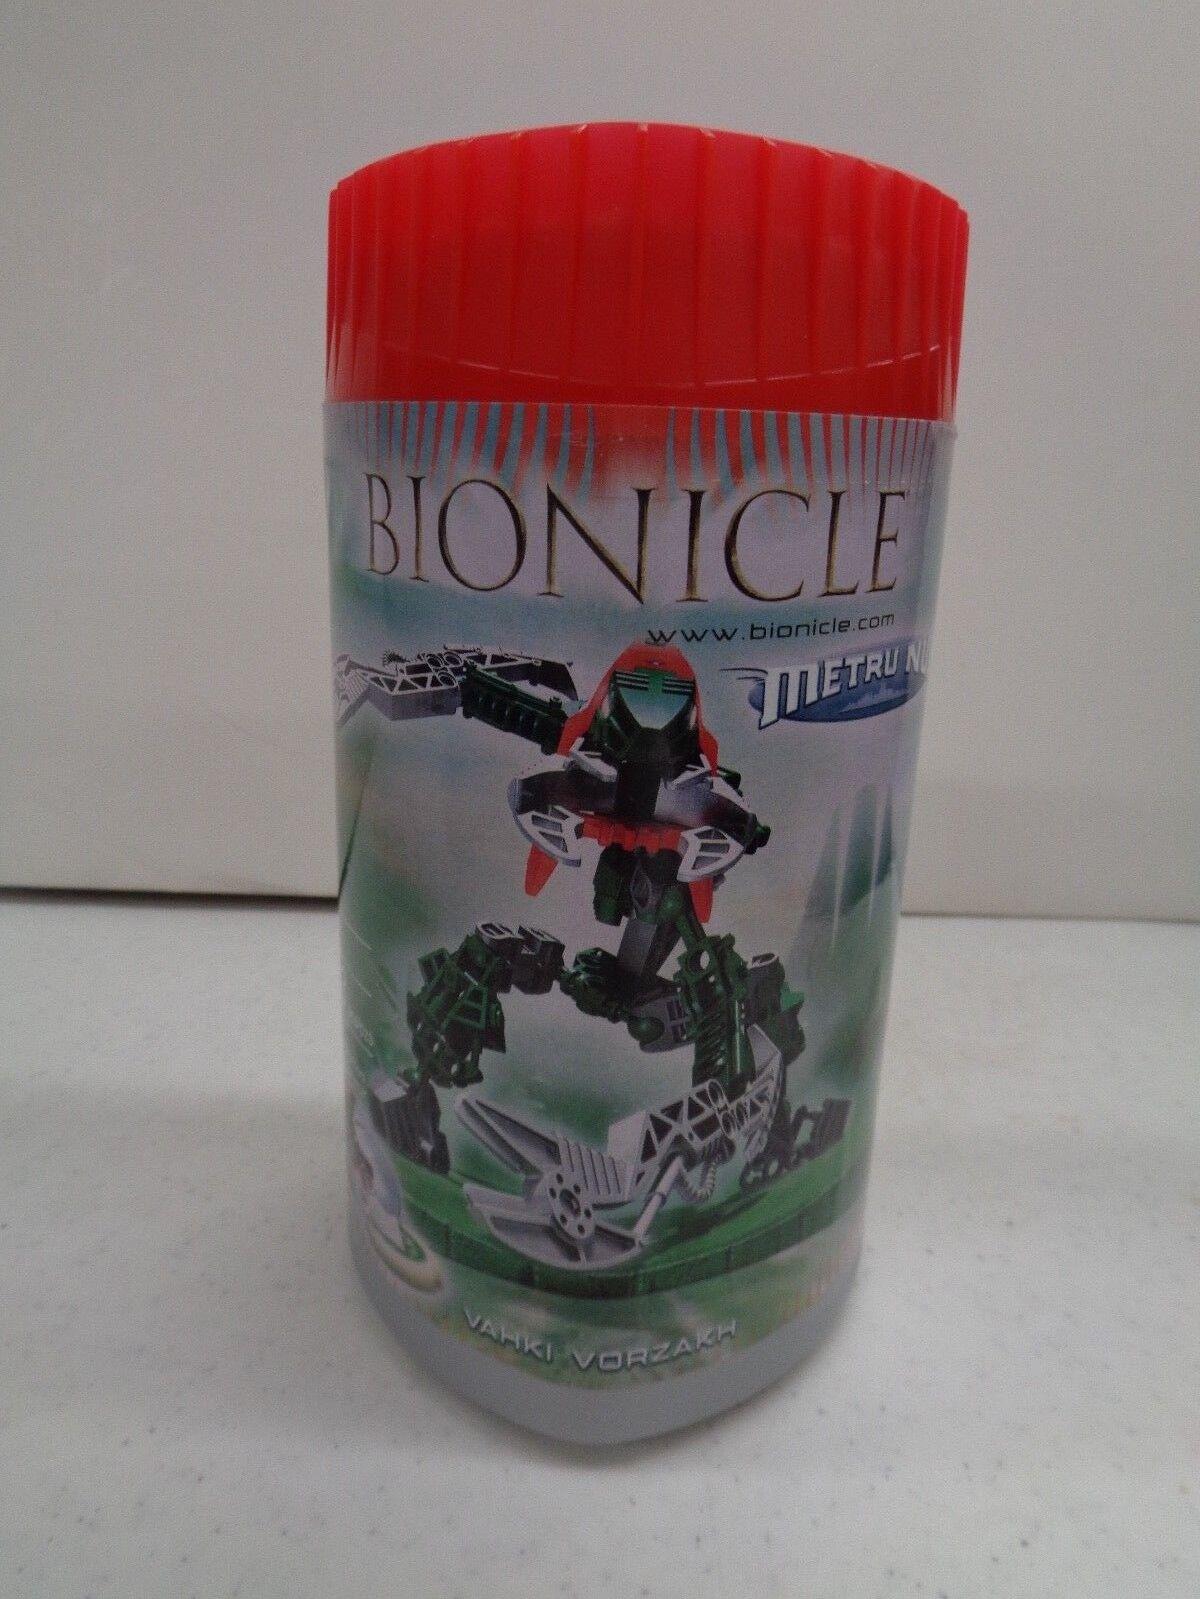 Lego Bionicle Metro Nui Vahki Vorzakh 8616 Building Toy Age 7+33 pcs NEW/SEALED